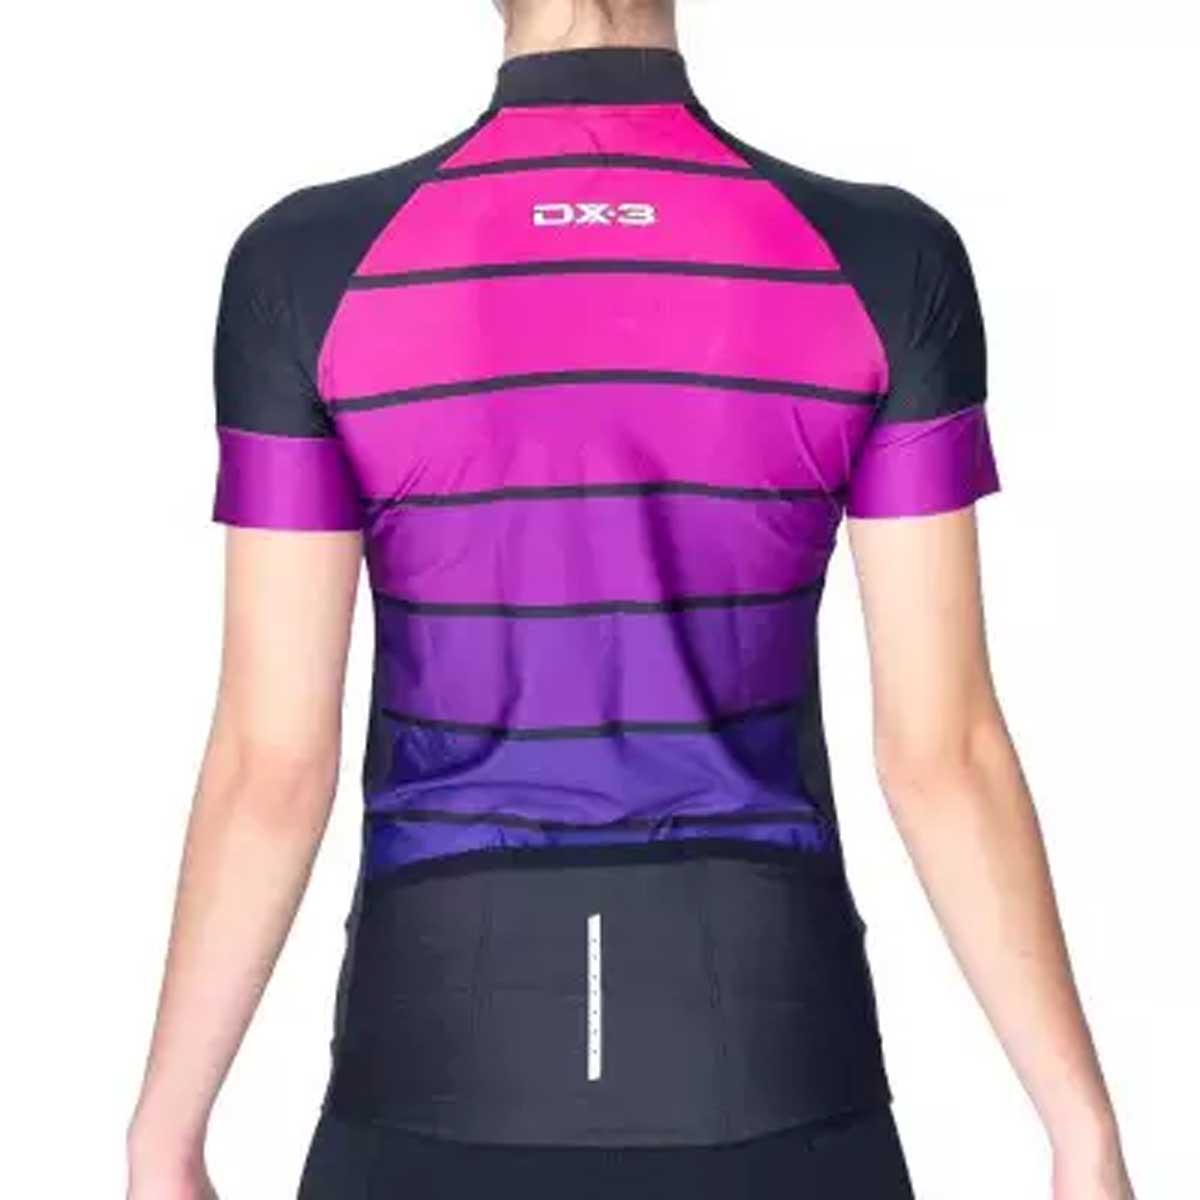 Camisa DX3 Feminina Fast 05 Preta e Rosa Ciclismo 21